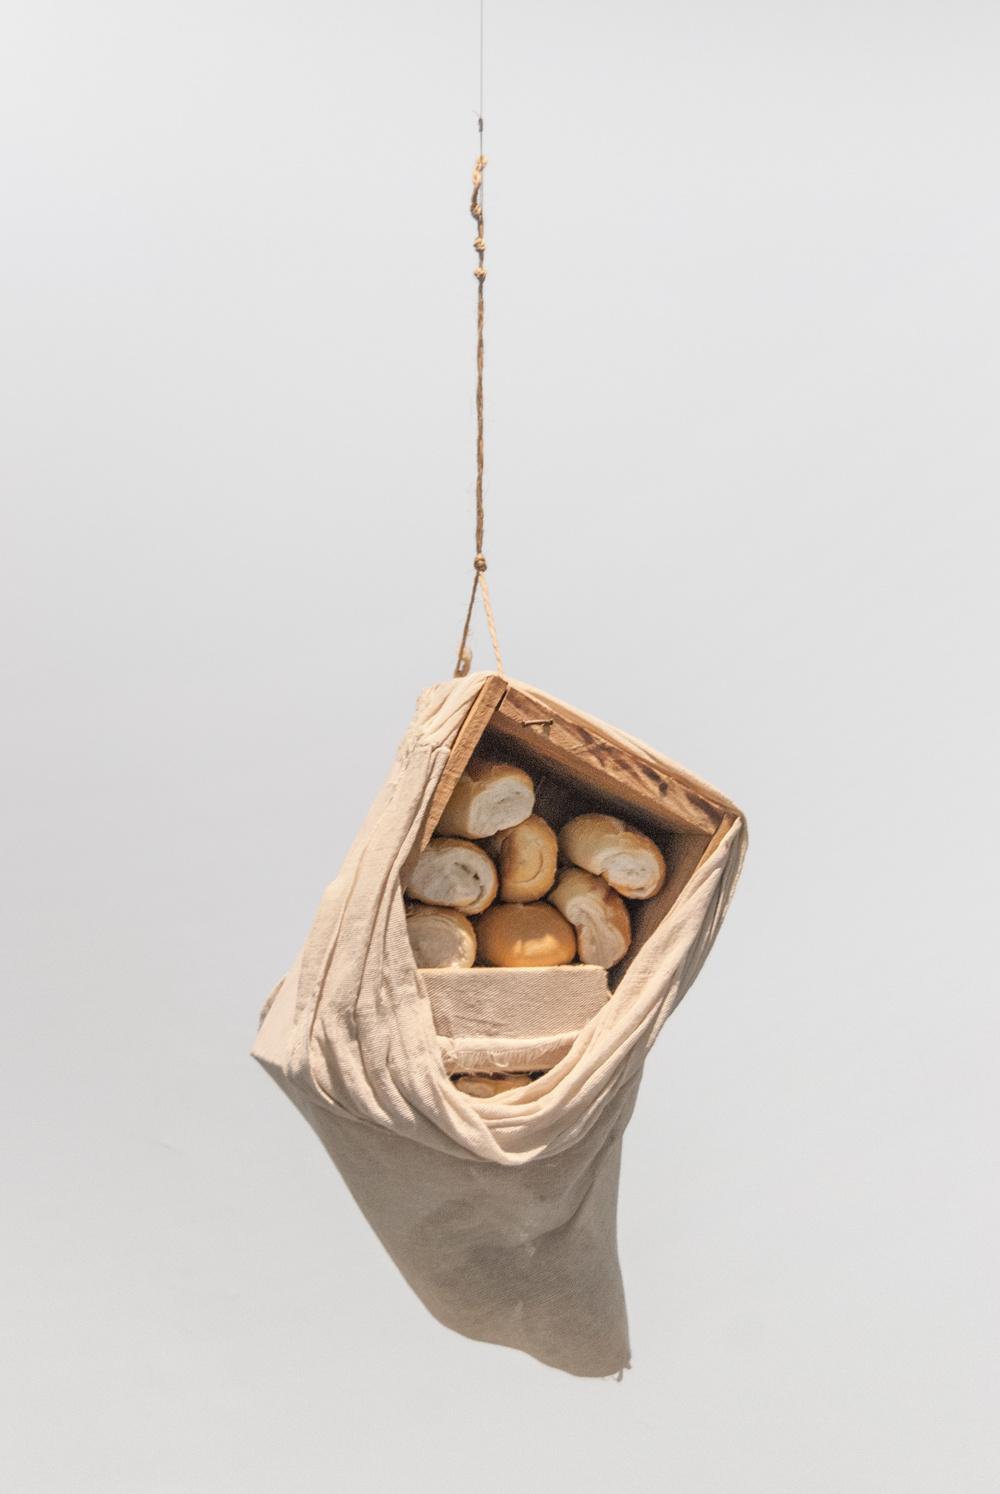 Caixa de pães - ARTUR BARRIO